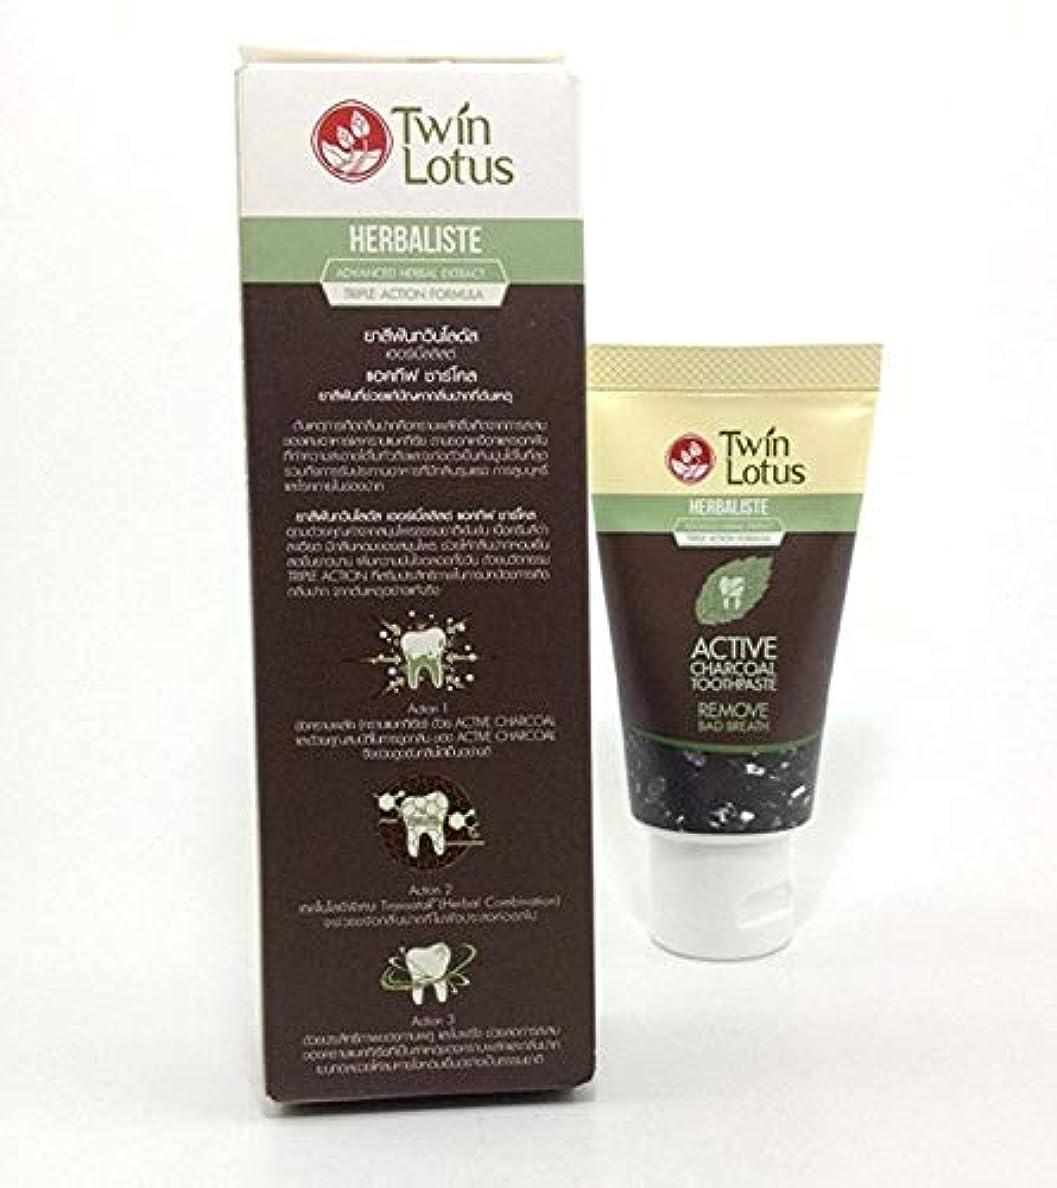 お嫌悪ペットWhitening Toothpaste Herbs Twin Lotus Herbaliste Active Charcoal Advanced Herbal Extract Triple Action Formula...